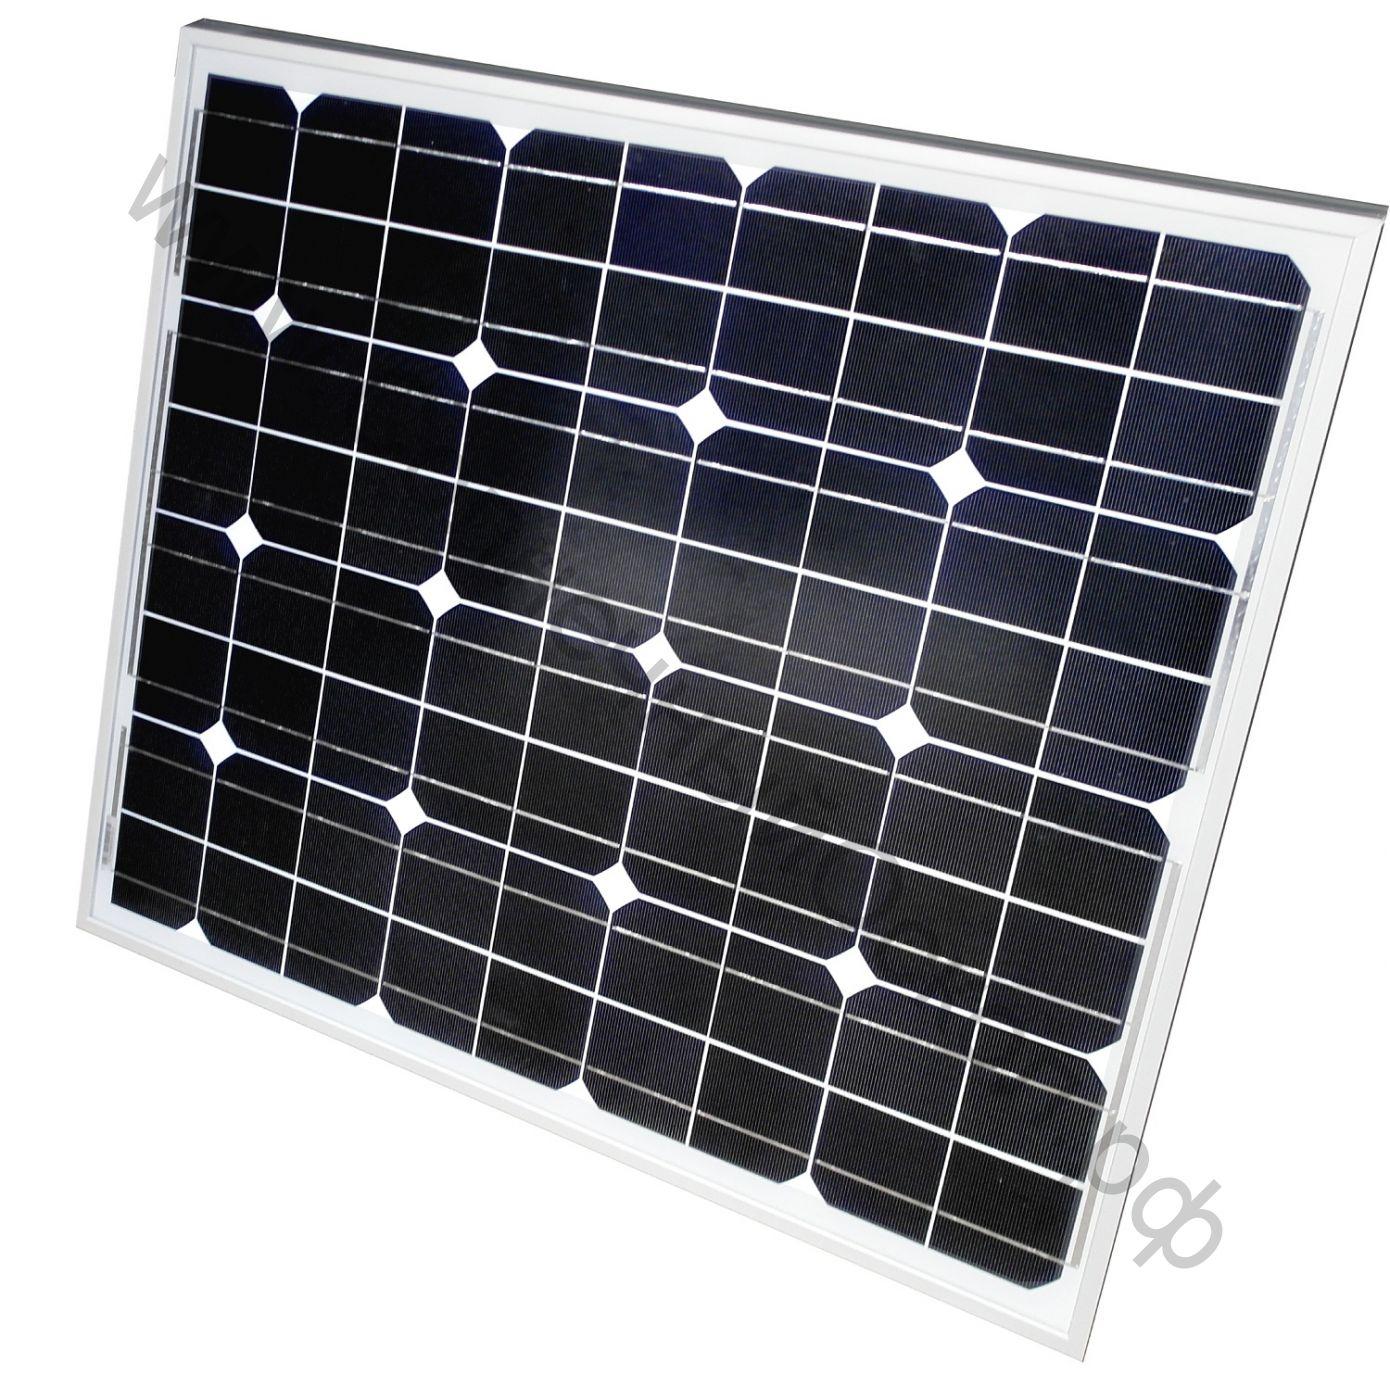 Монокристаллическая солнечная панель WDNY-100C36